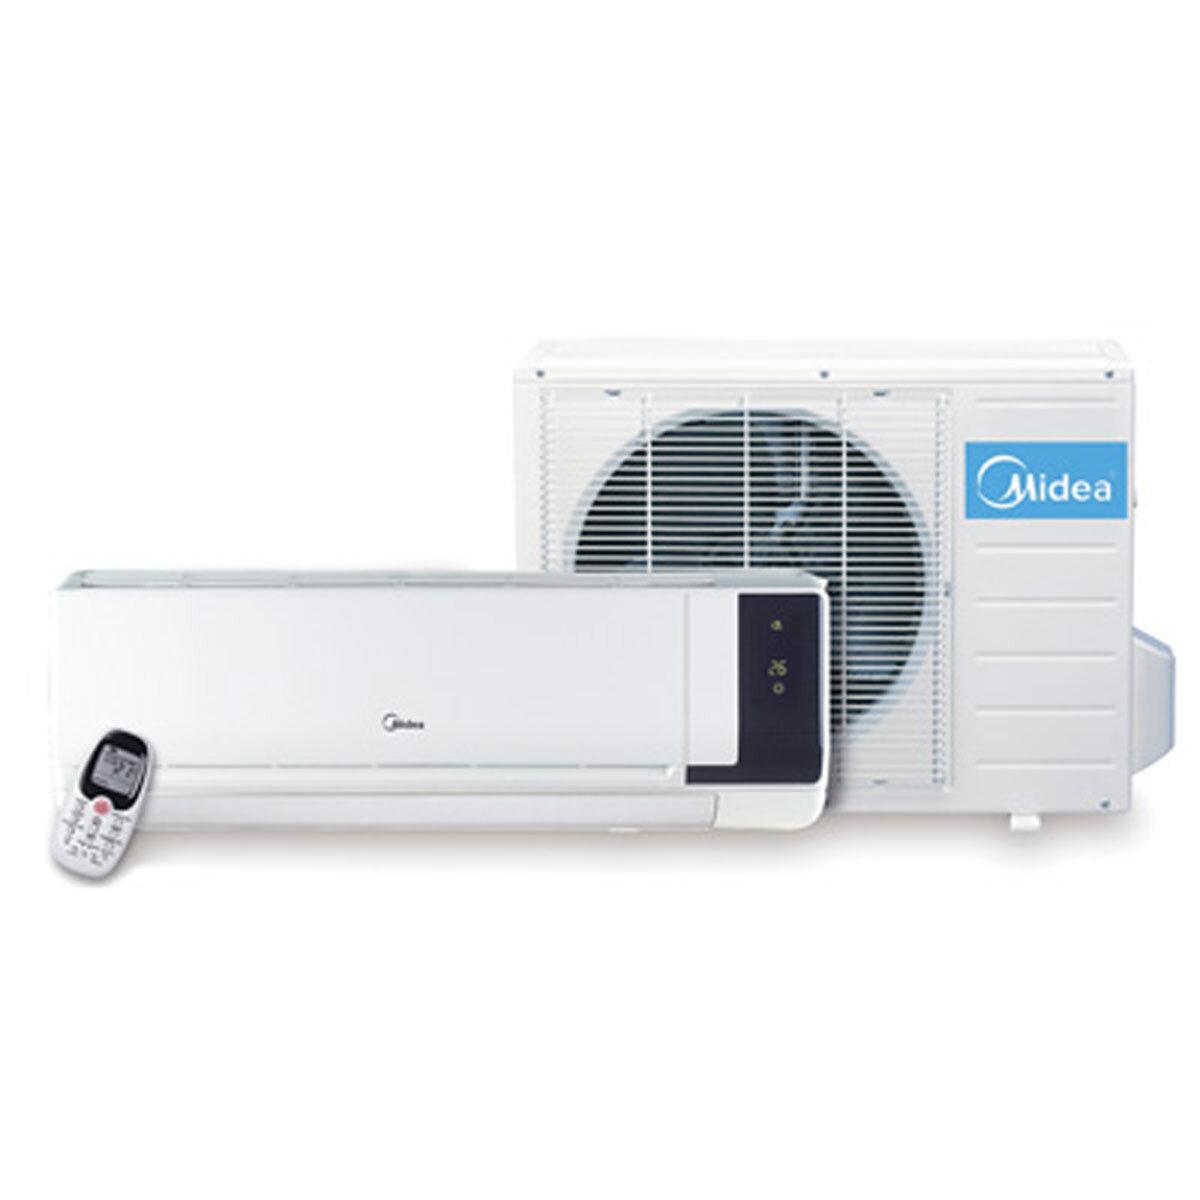 Đánh giá chất lượng máy lạnh Midea giá rẻ có tốt không?